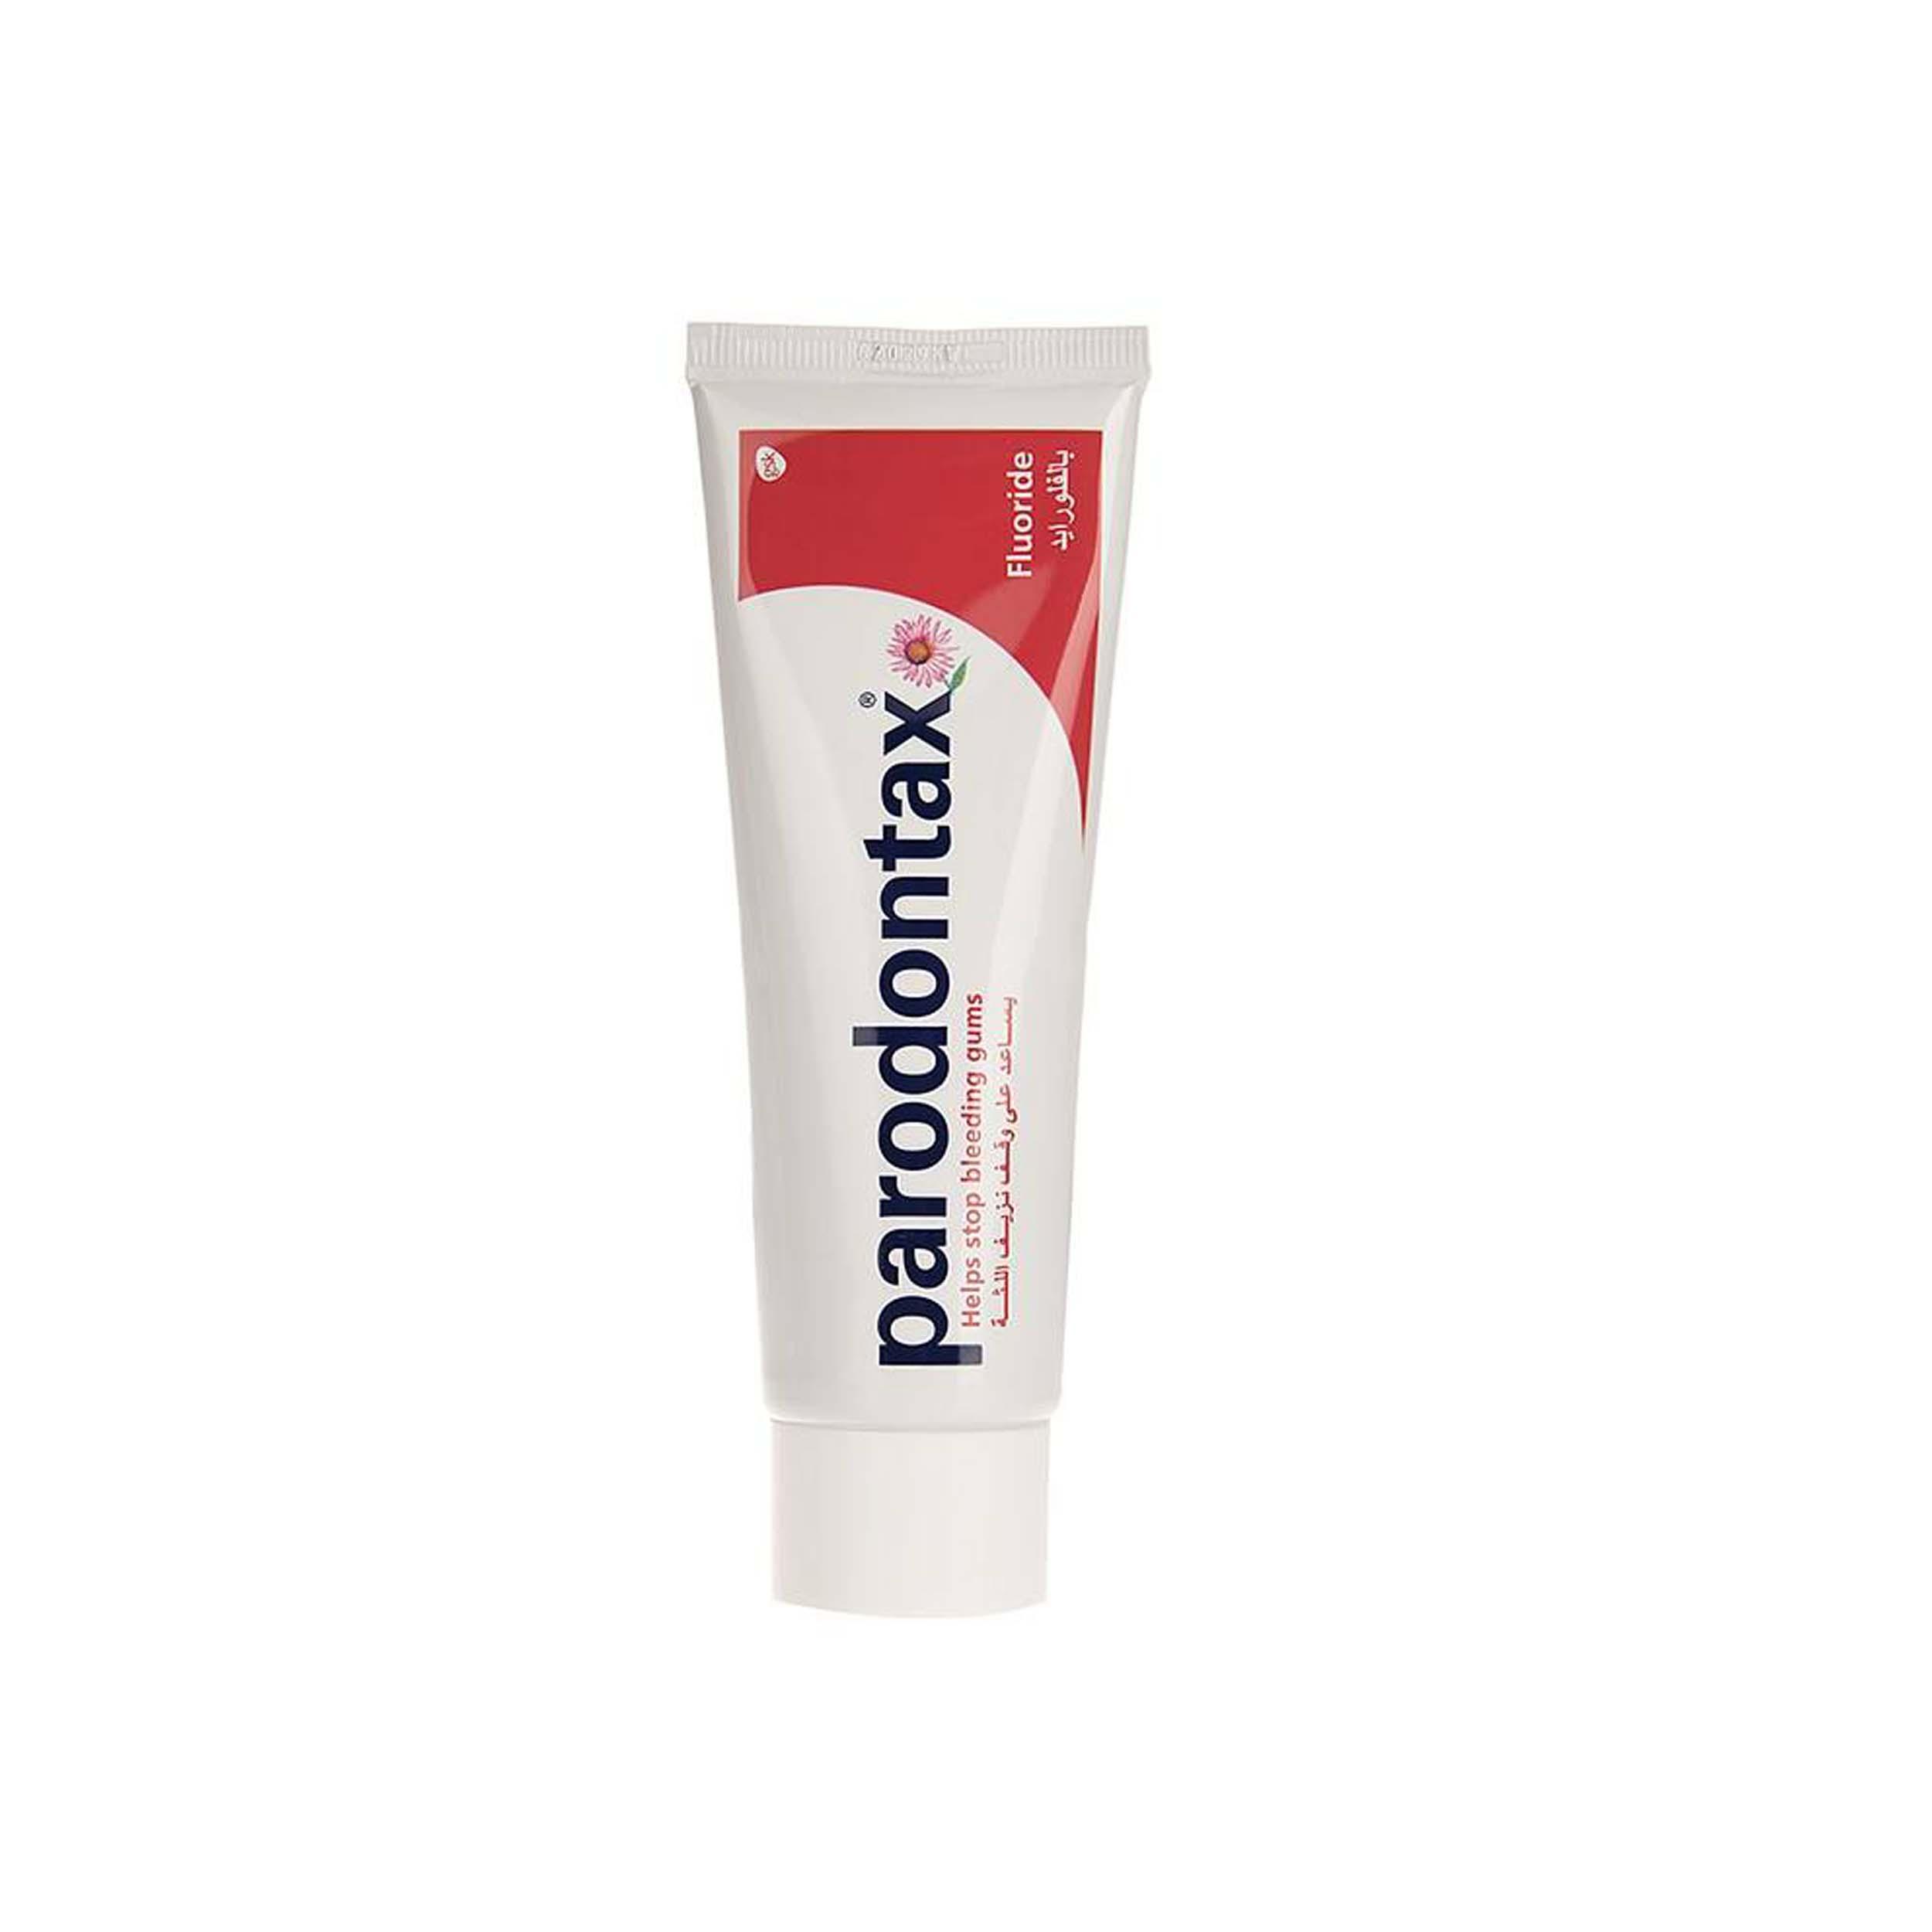 قیمت خمیر دندان پارودونتکس مدل Fluoride حجم 75 میلی لیتر